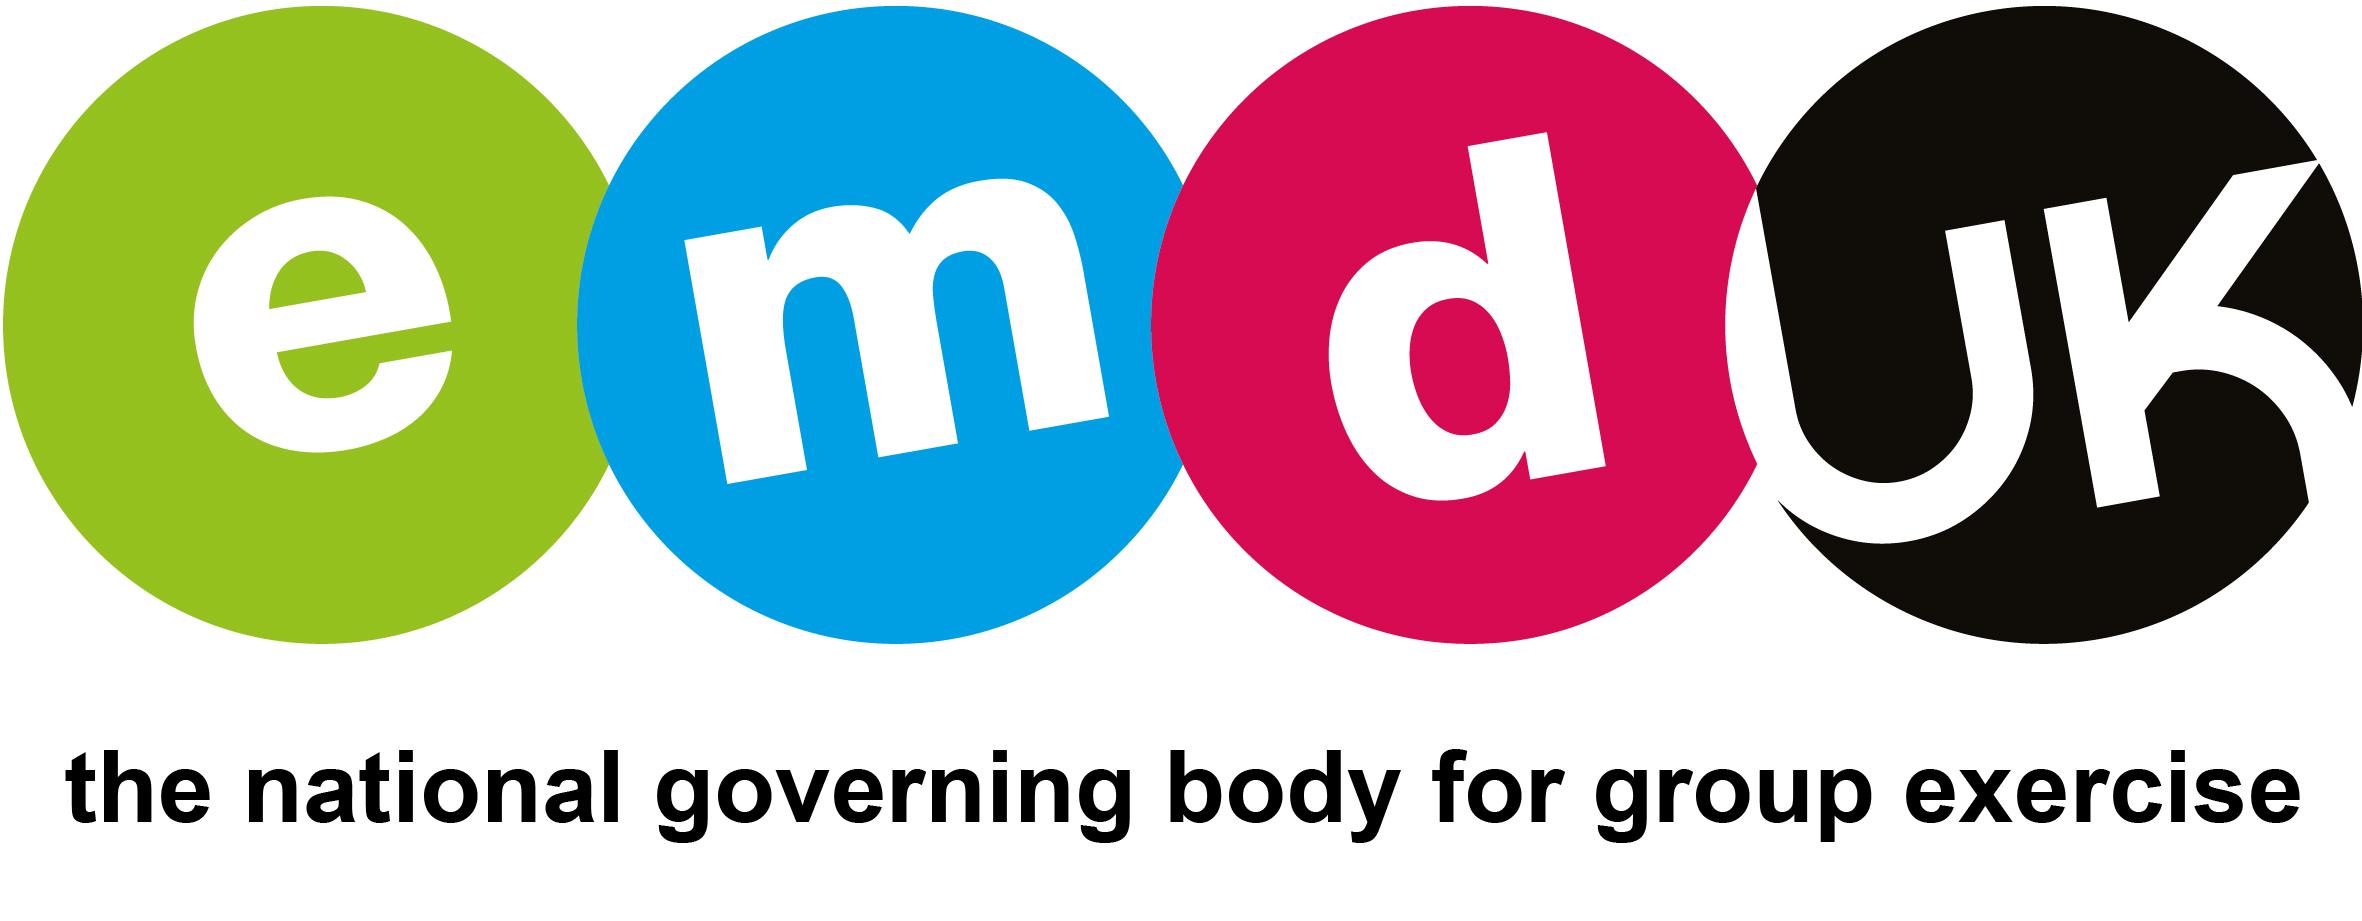 EMD UK Ltd